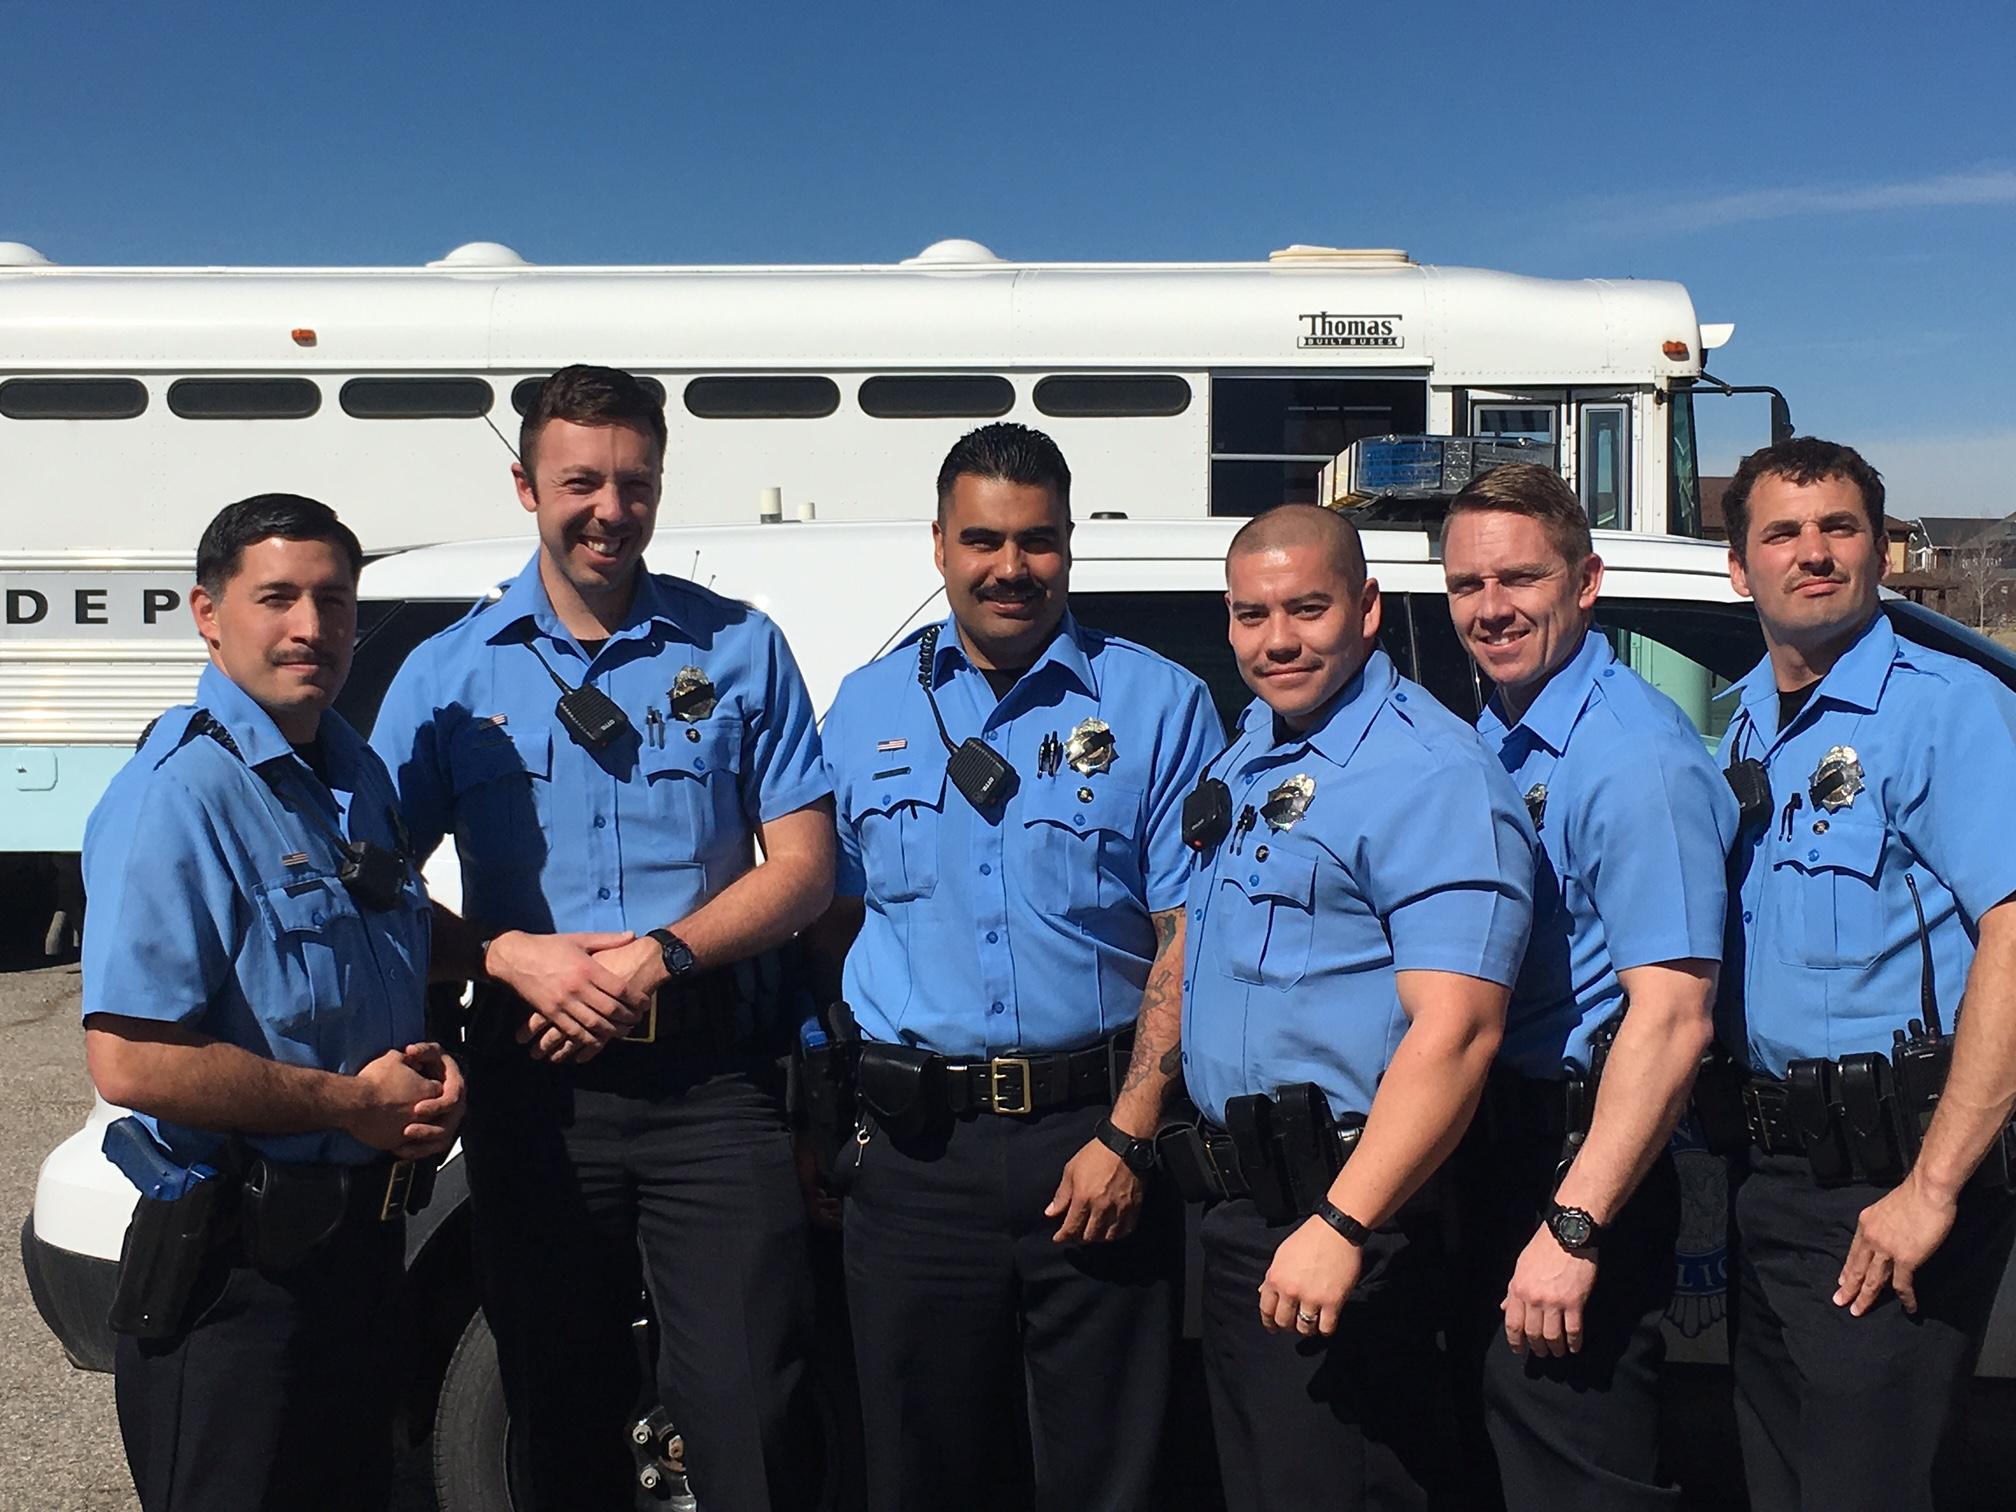 Police uniforms denver